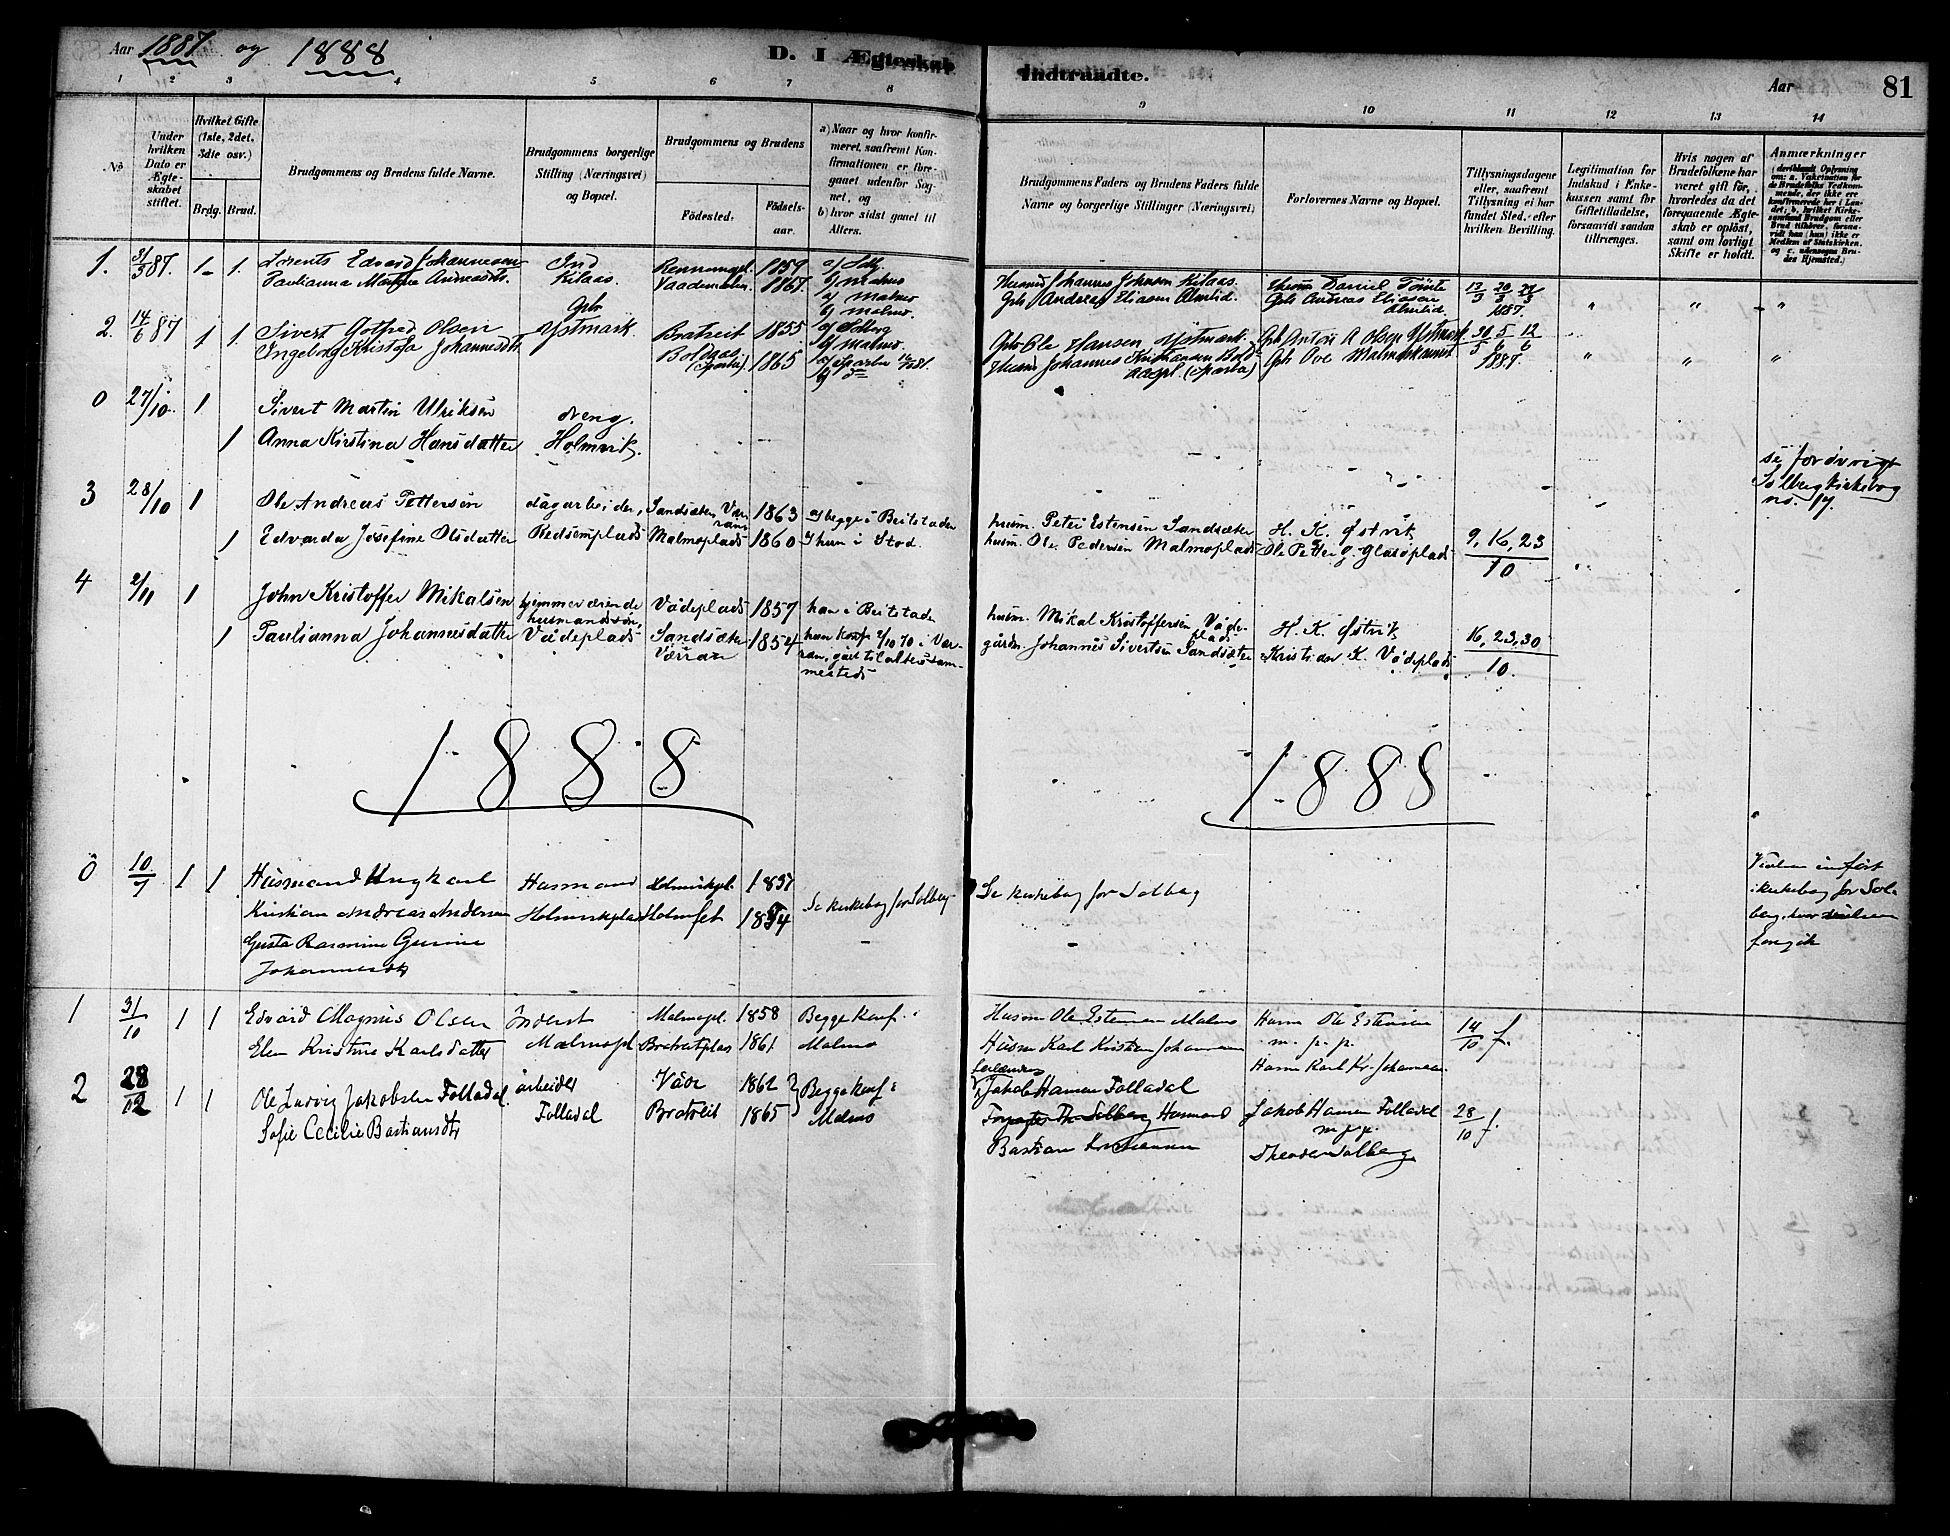 SAT, Ministerialprotokoller, klokkerbøker og fødselsregistre - Nord-Trøndelag, 745/L0429: Ministerialbok nr. 745A01, 1878-1894, s. 81